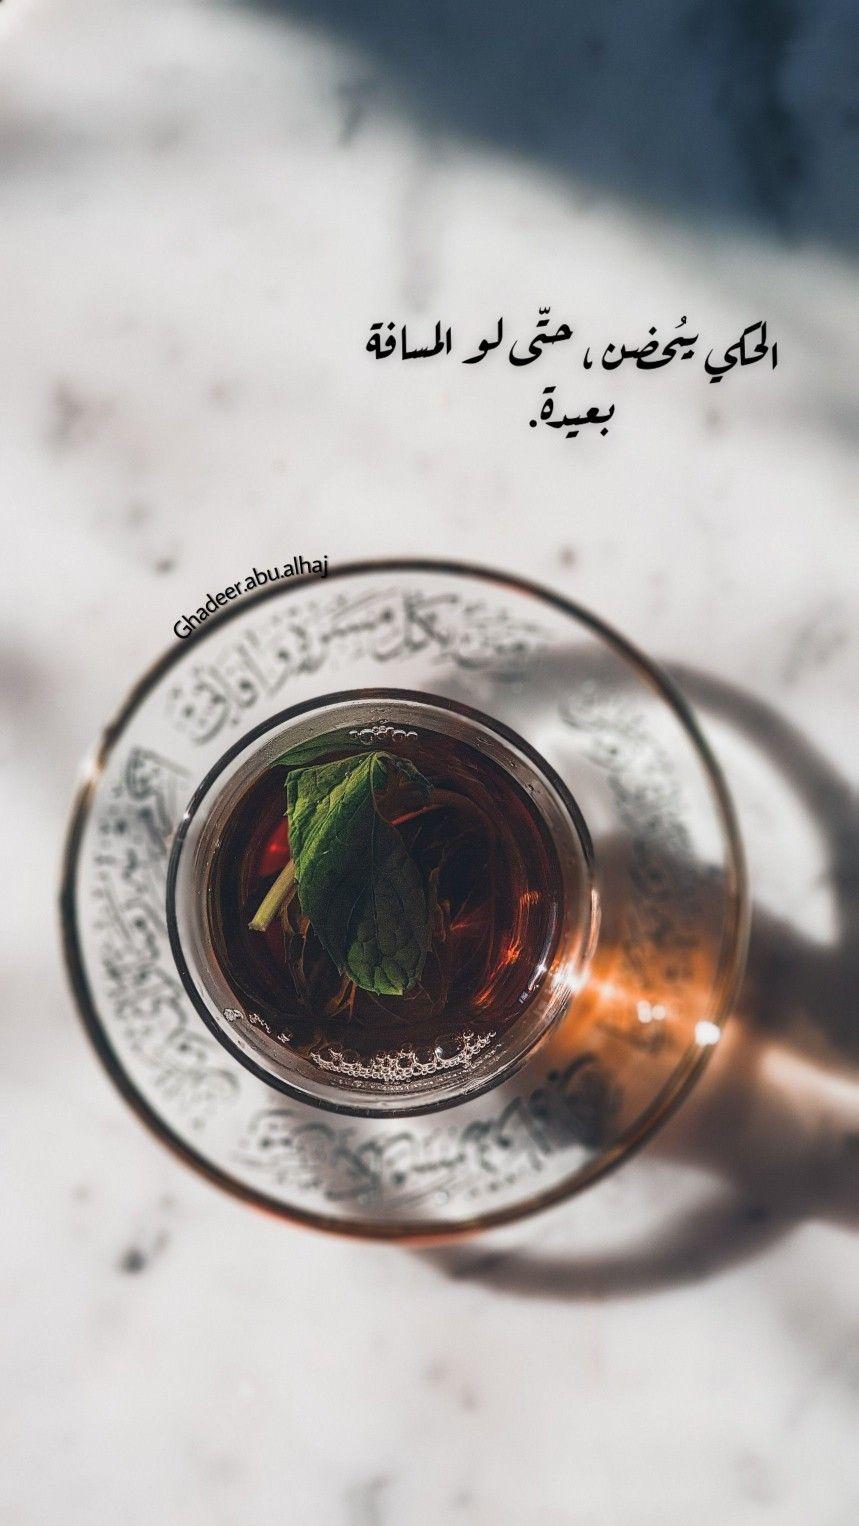 الحكي بيحضن حتى لو المسافة بعيدة In 2021 Talking Quotes Arabic Love Quotes Carnival Photography